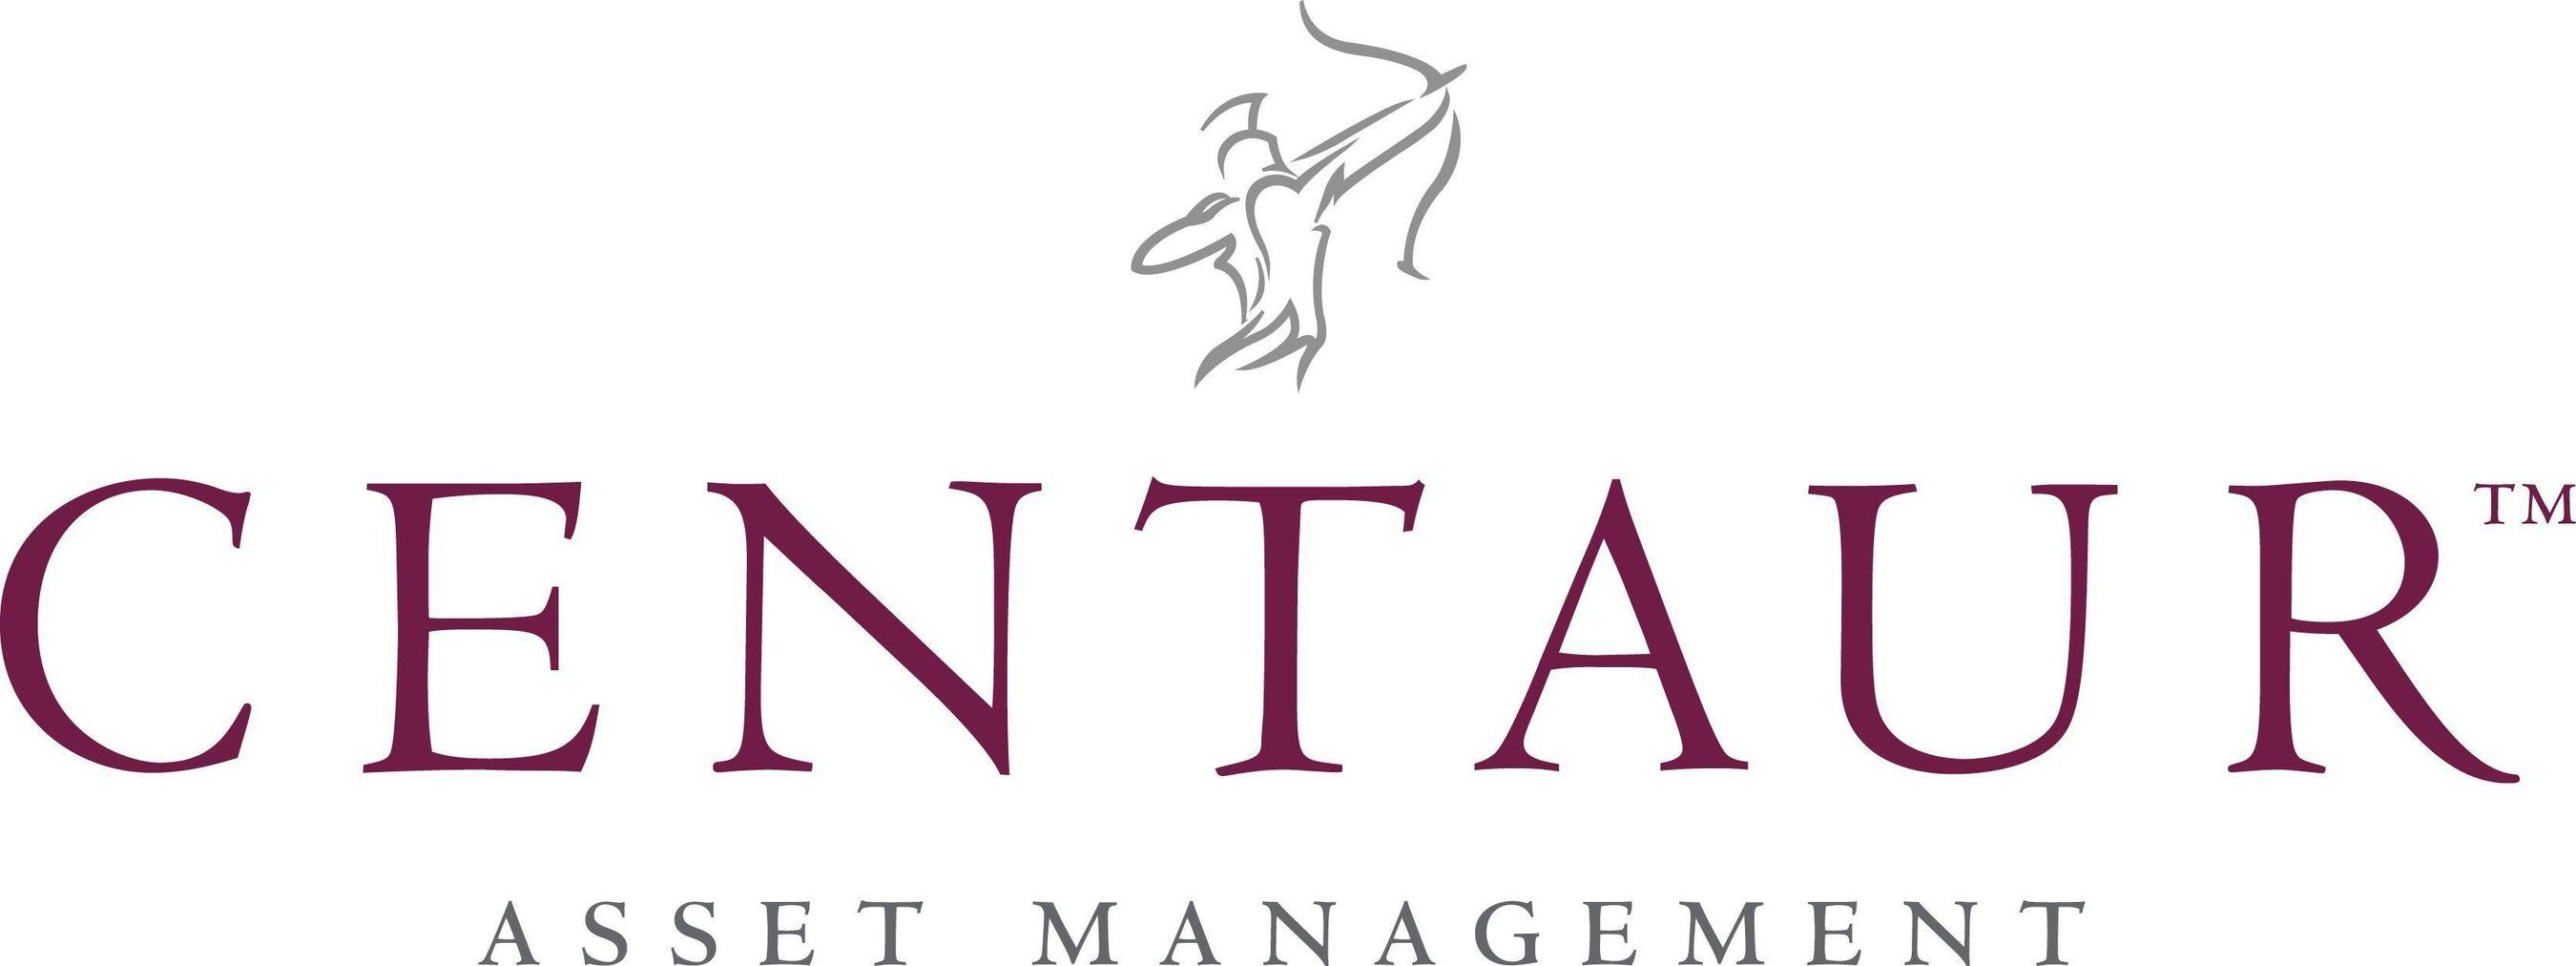 Centaur Asset Management Logo (PRNewsFoto/Centaur Asset Management)